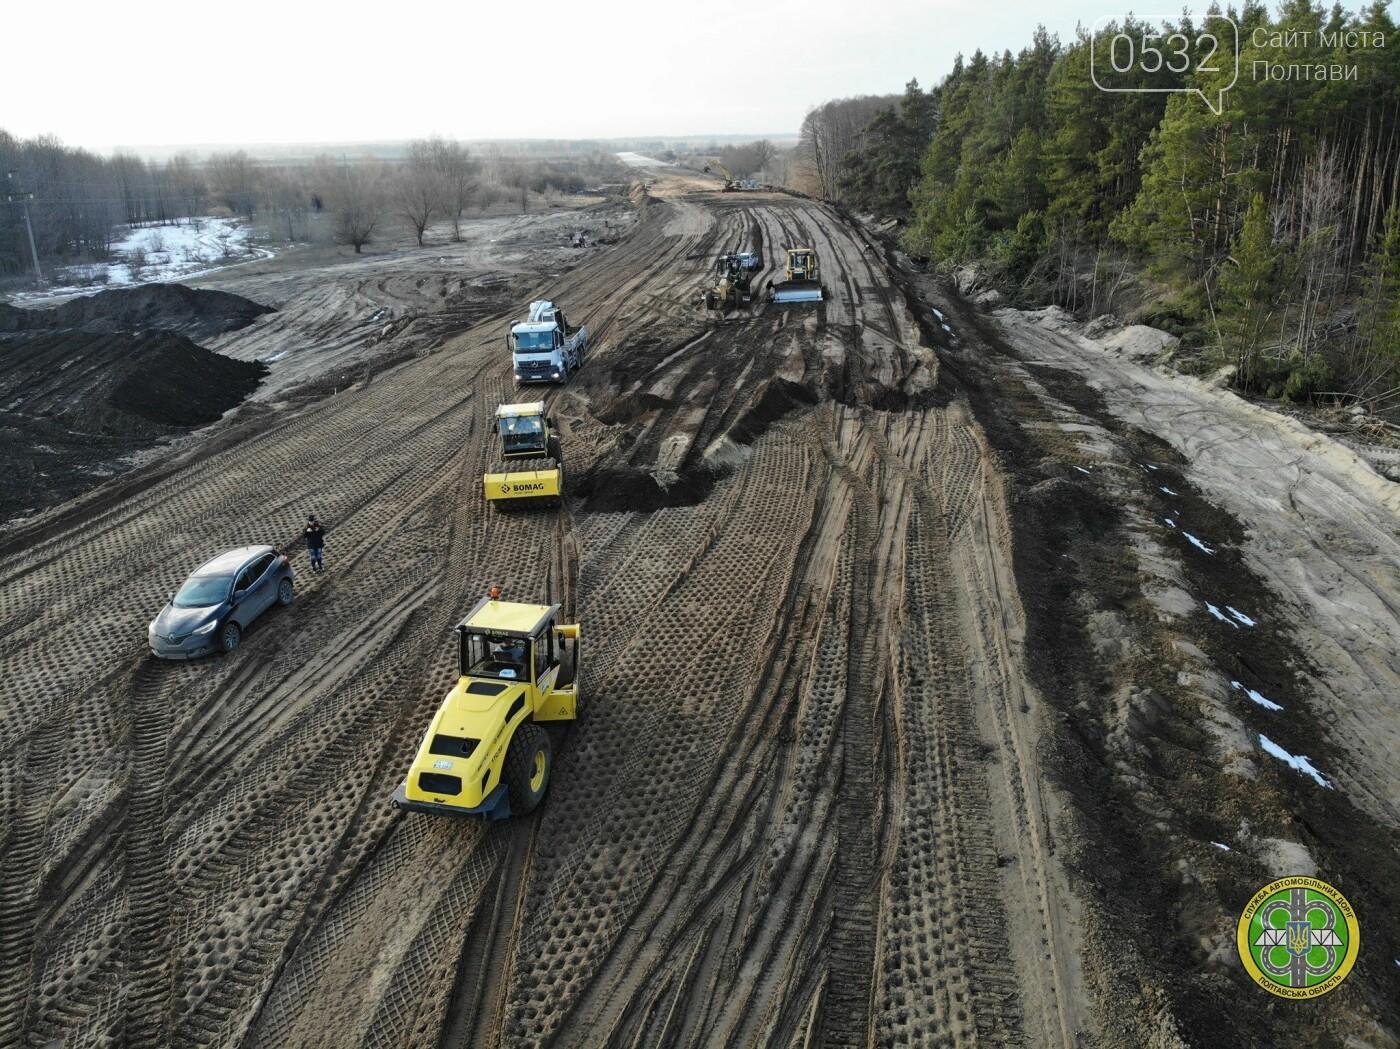 На Полтавщині продовжили реконструкцію автотраси та мосту через Ворсклу, фото-5